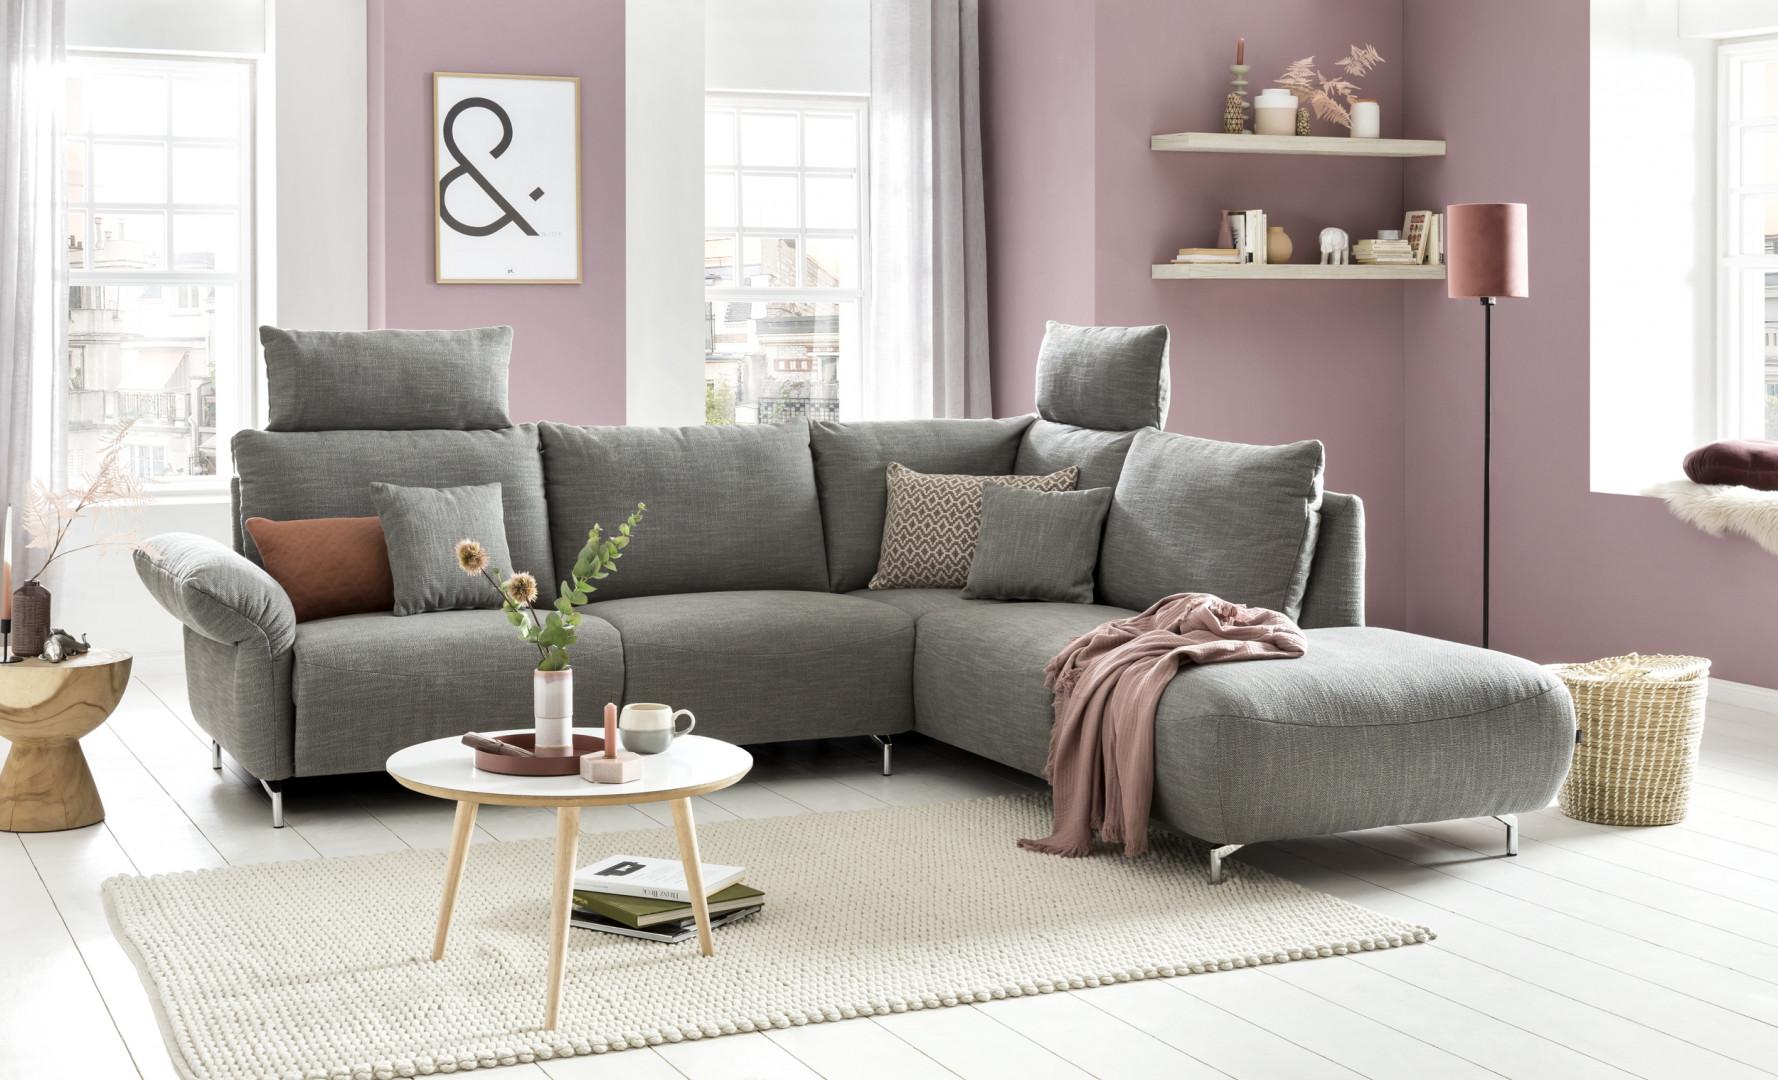 Euroline wykorzystuje szansę na rozwój dzięki Furniture On Demand by Lectra